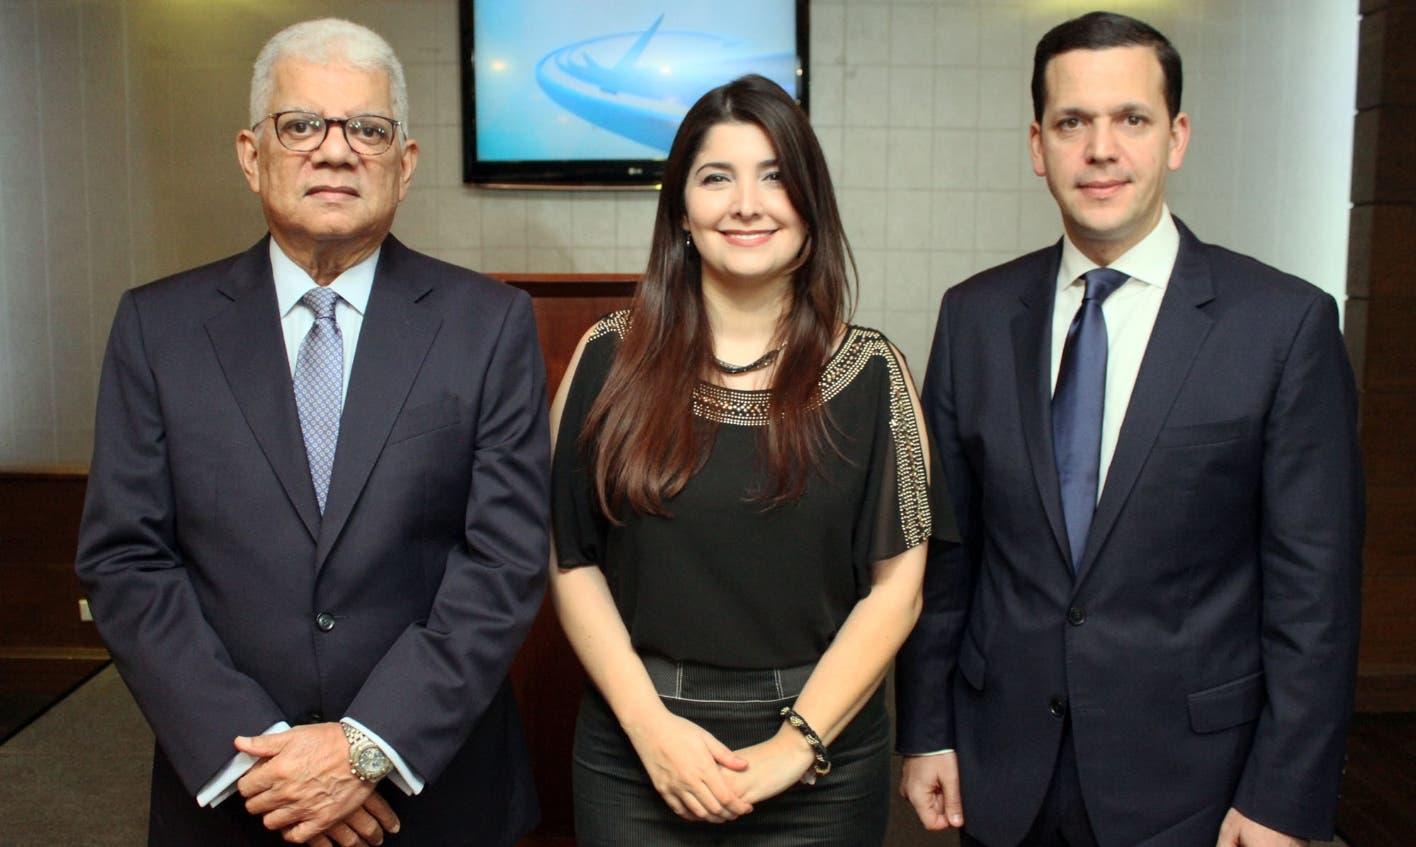 Los  periodistas Leila Mejía y Miguel Guerrero ofrecieron un coctel en Cava Alta a donde anunciaron su programa de televisión diario matutino, Conexión 32, que se difunde a través  en VTV, canal 32 a las 6:00 de la mañana de lunes a viernes.